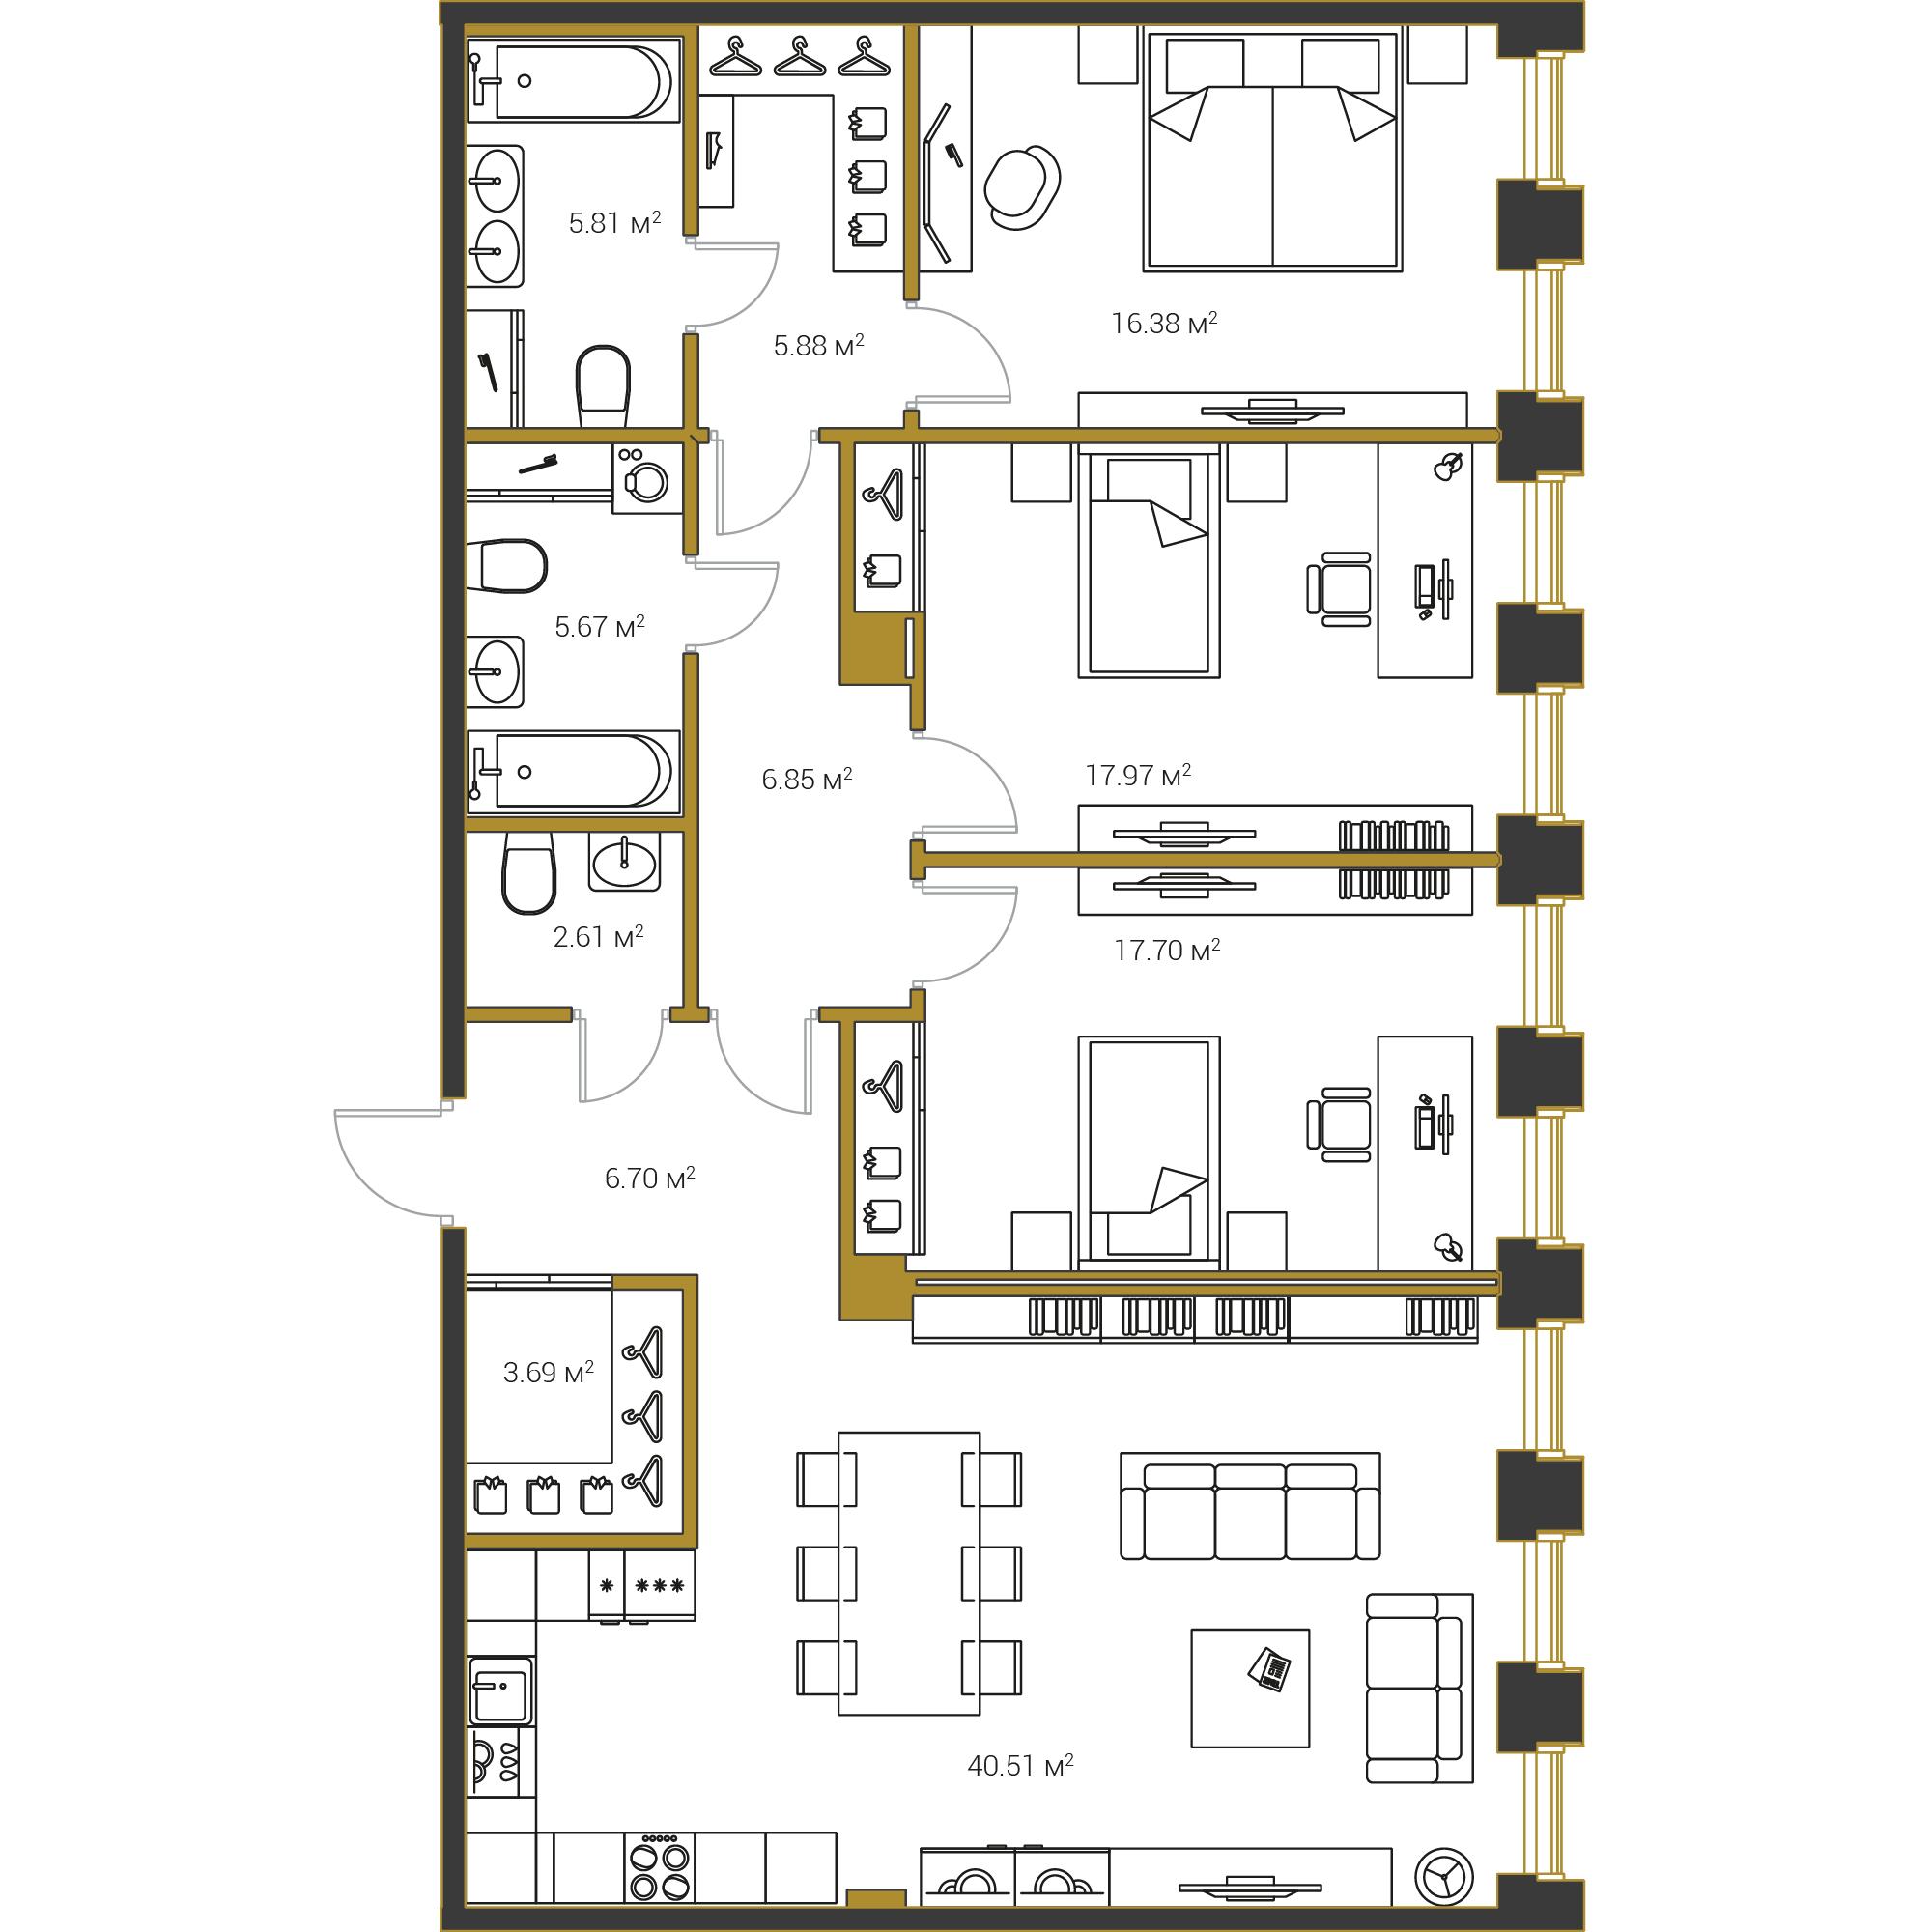 3-комнатная квартира №16 в: Институтский,16: 129.77 м²; этаж: 10 - купить в Санкт-Петербурге